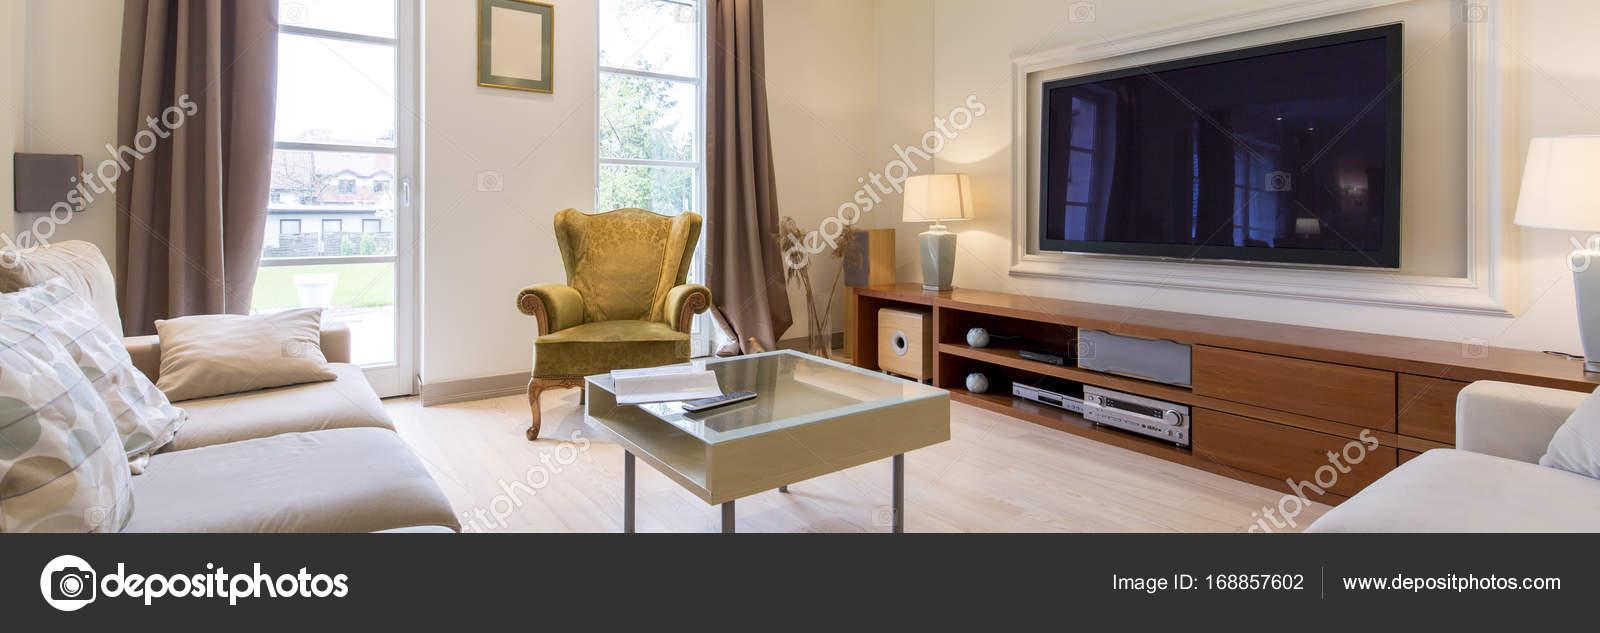 Acabamento Delicado Espa O Para Relaxar Stock Photo Photographee  -> Acabamento Para Sala De Estar